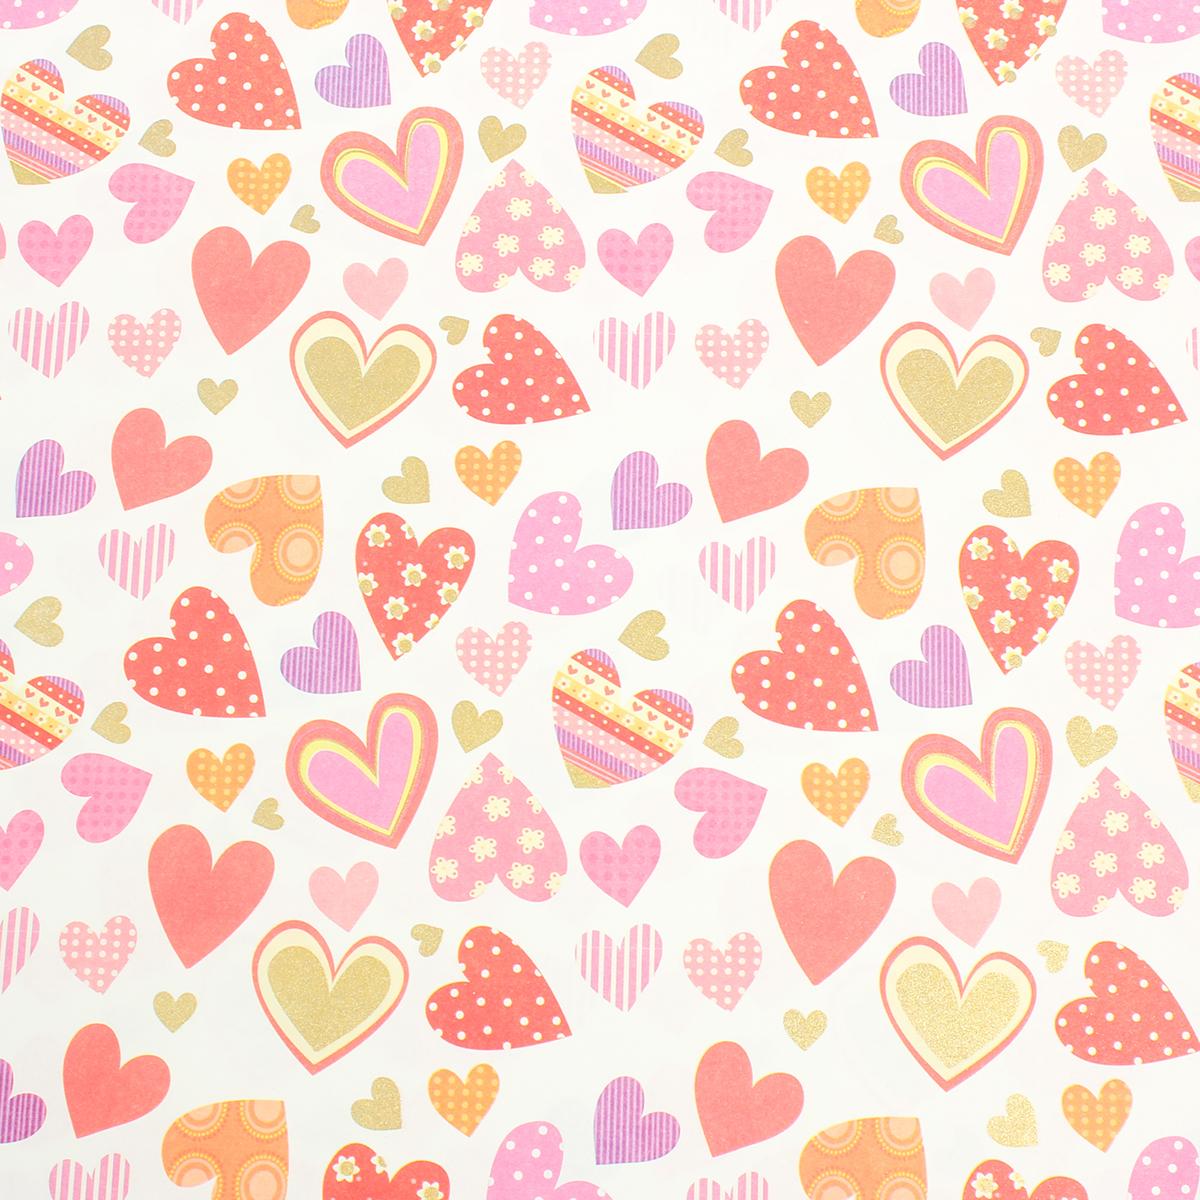 Бумага упаковочная Разноцветные сердца, 50 х 70 см. 26769532576259Любой подарок начинается с упаковки. Что может быть трогательнее и волшебнее, чем ритуал разворачивания полученного презента. И именно оригинальная, со вкусом выбранная упаковка выделит ваш подарок из массы других. Она продемонстрирует самые тёплые чувства к виновнику торжества и создаст сказочную атмосферу праздника.